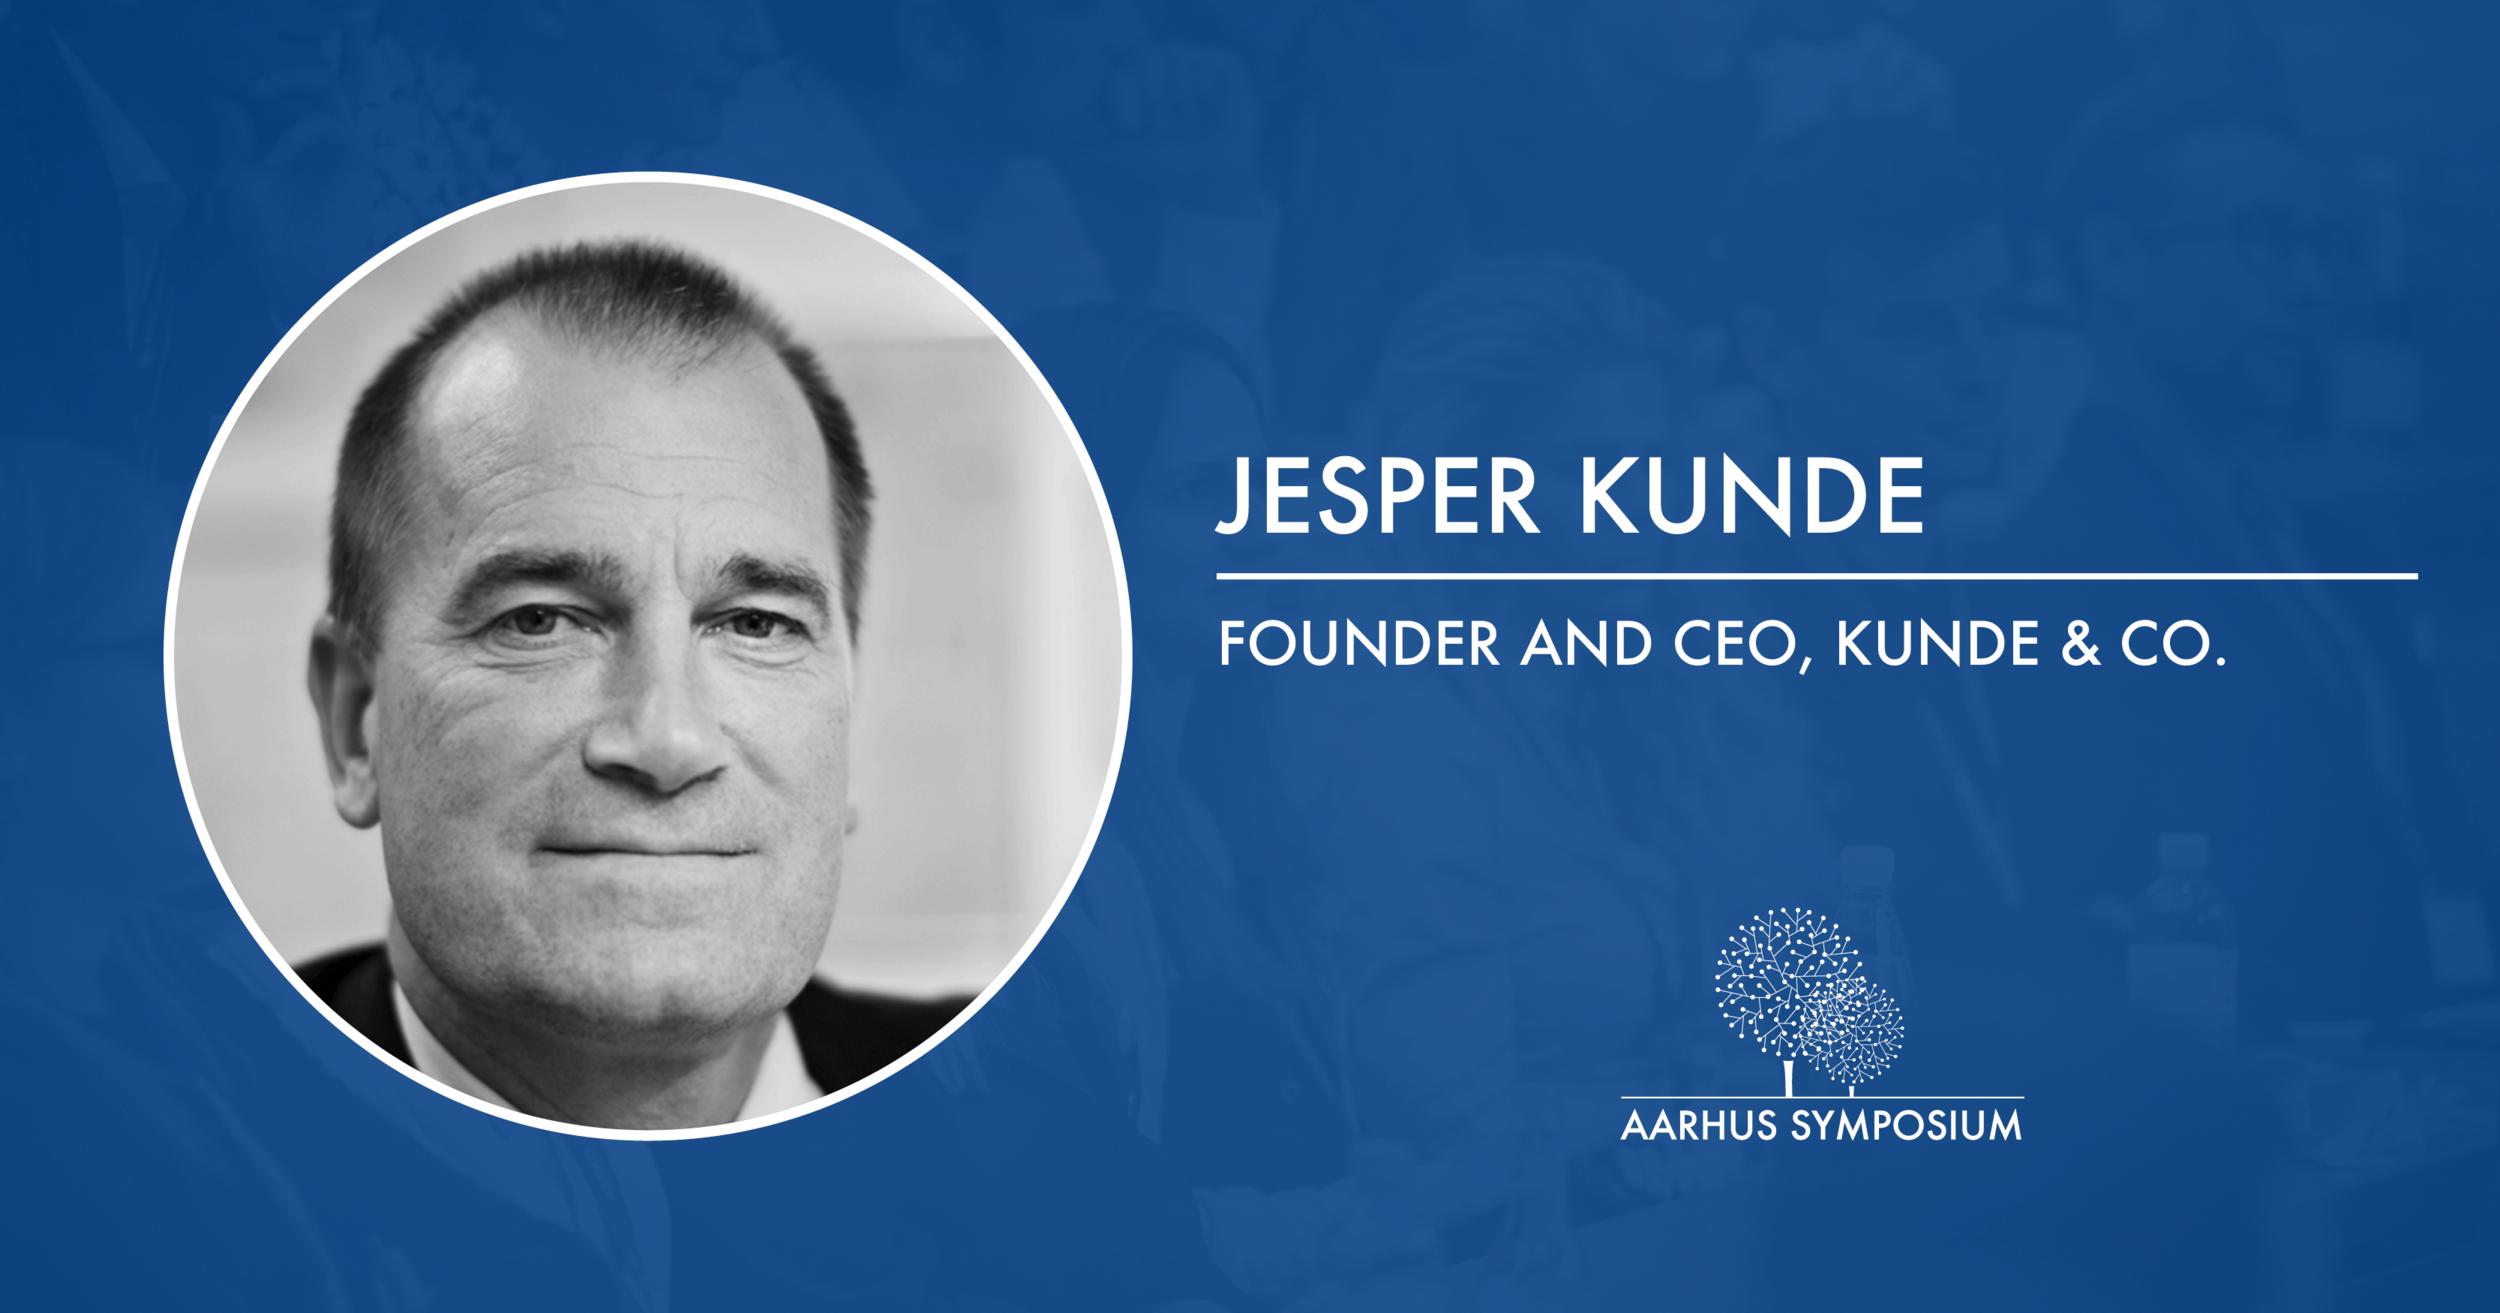 Jesper-Kunde.png